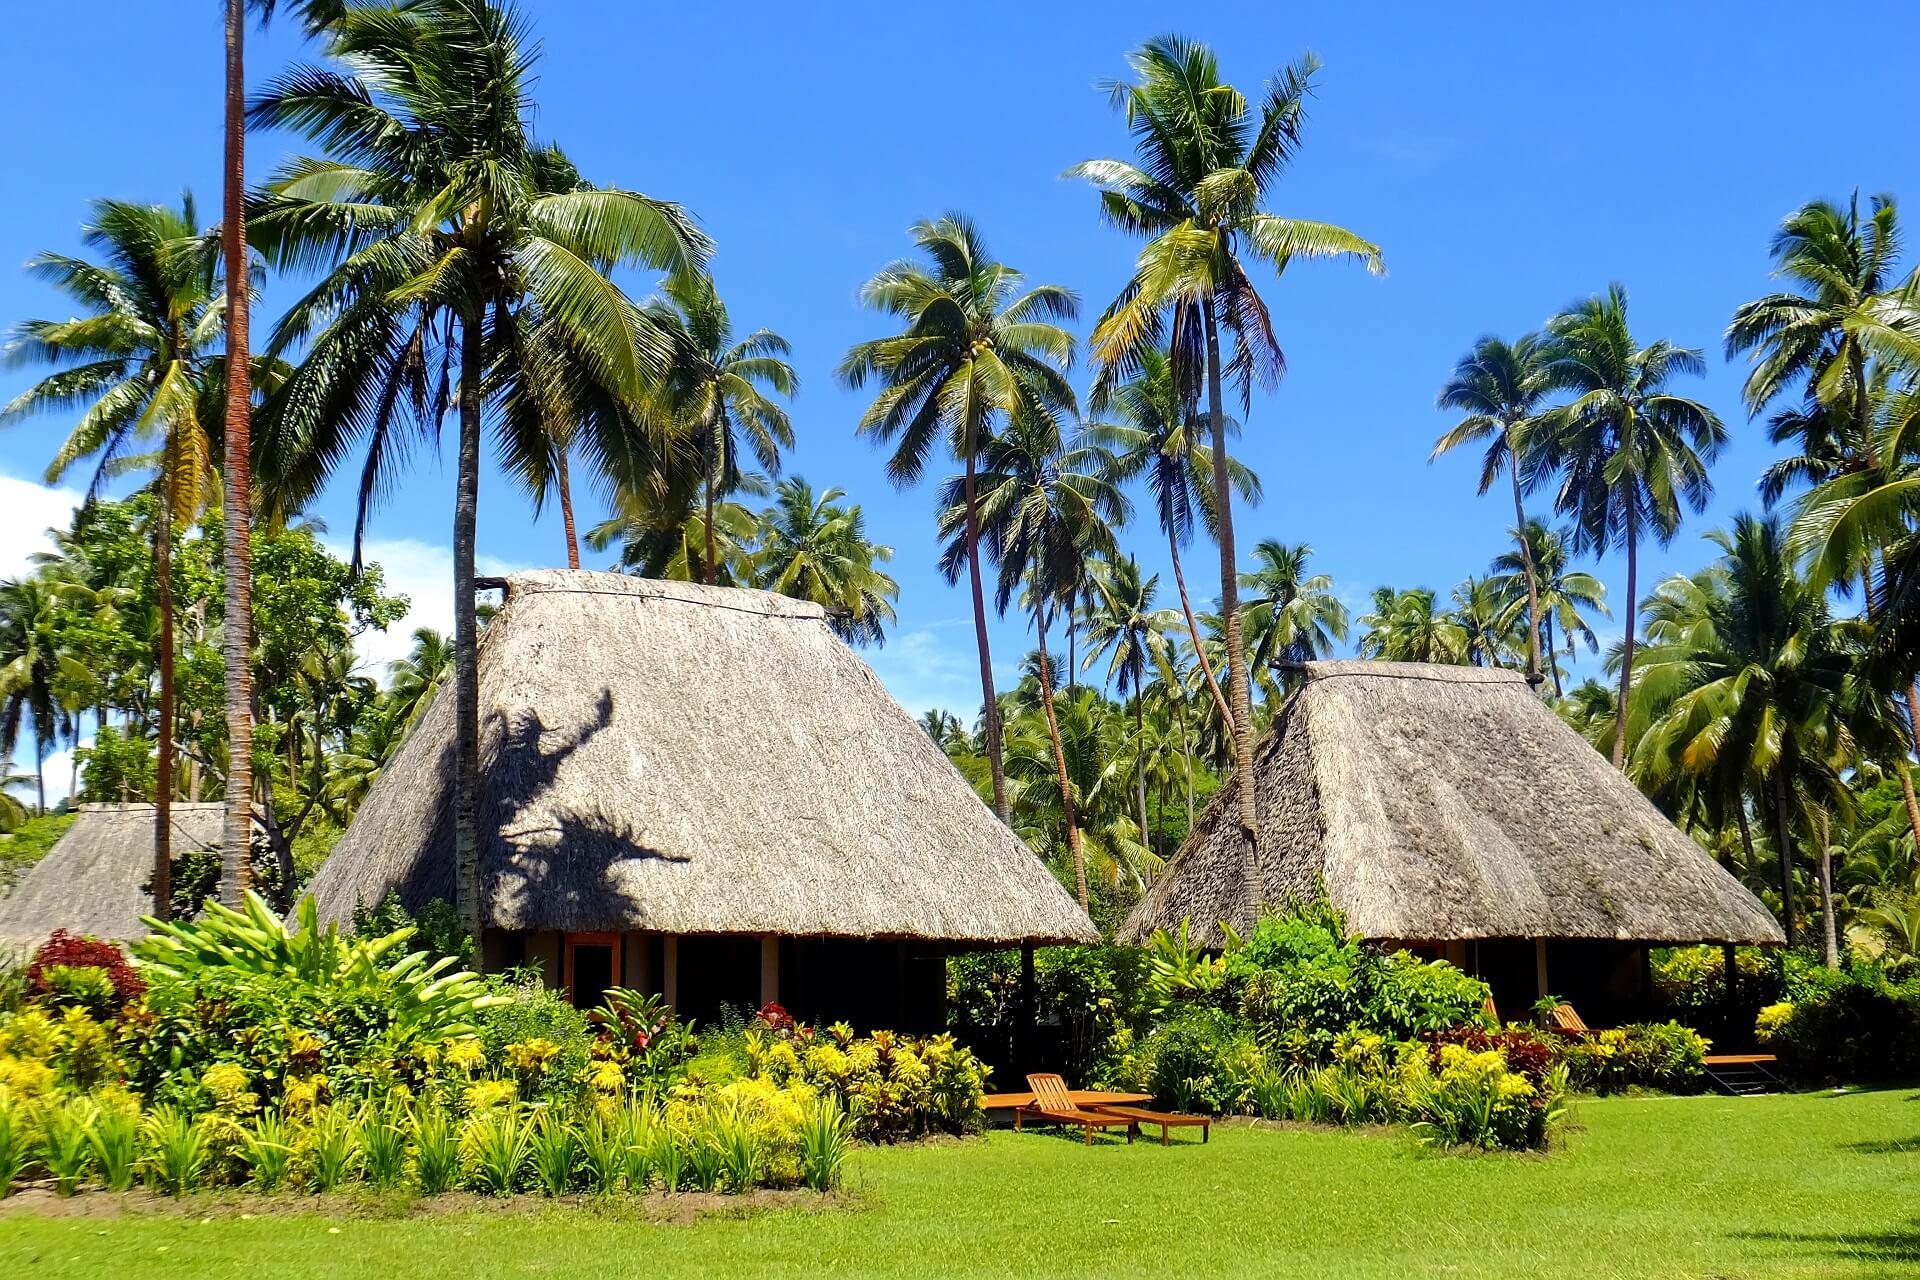 Die traditionellen Hütten auf den Fidschi Inseln